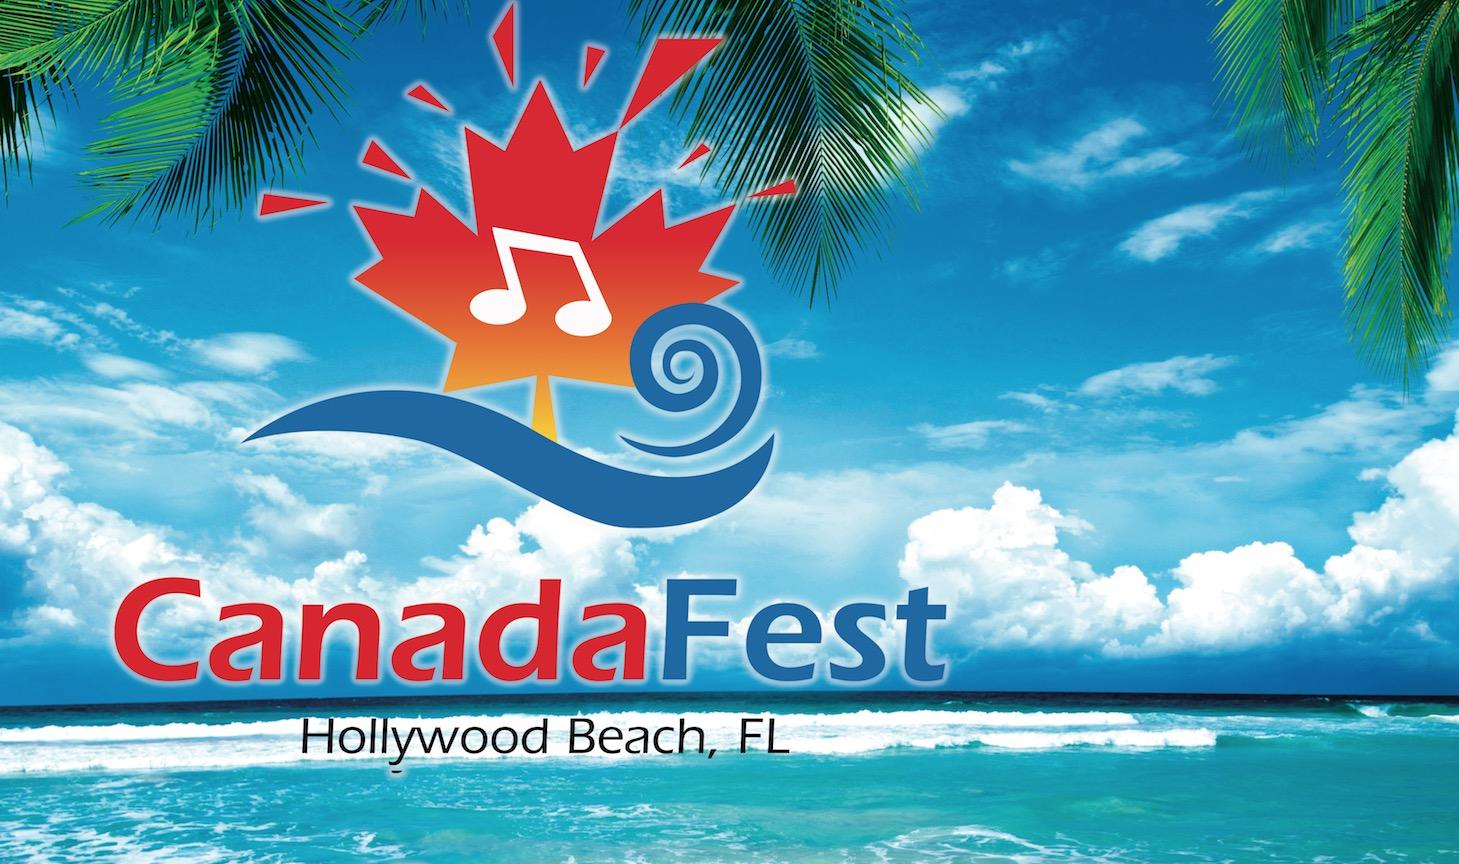 Pour aller à CanadaFest,  j'apporte quoi ?